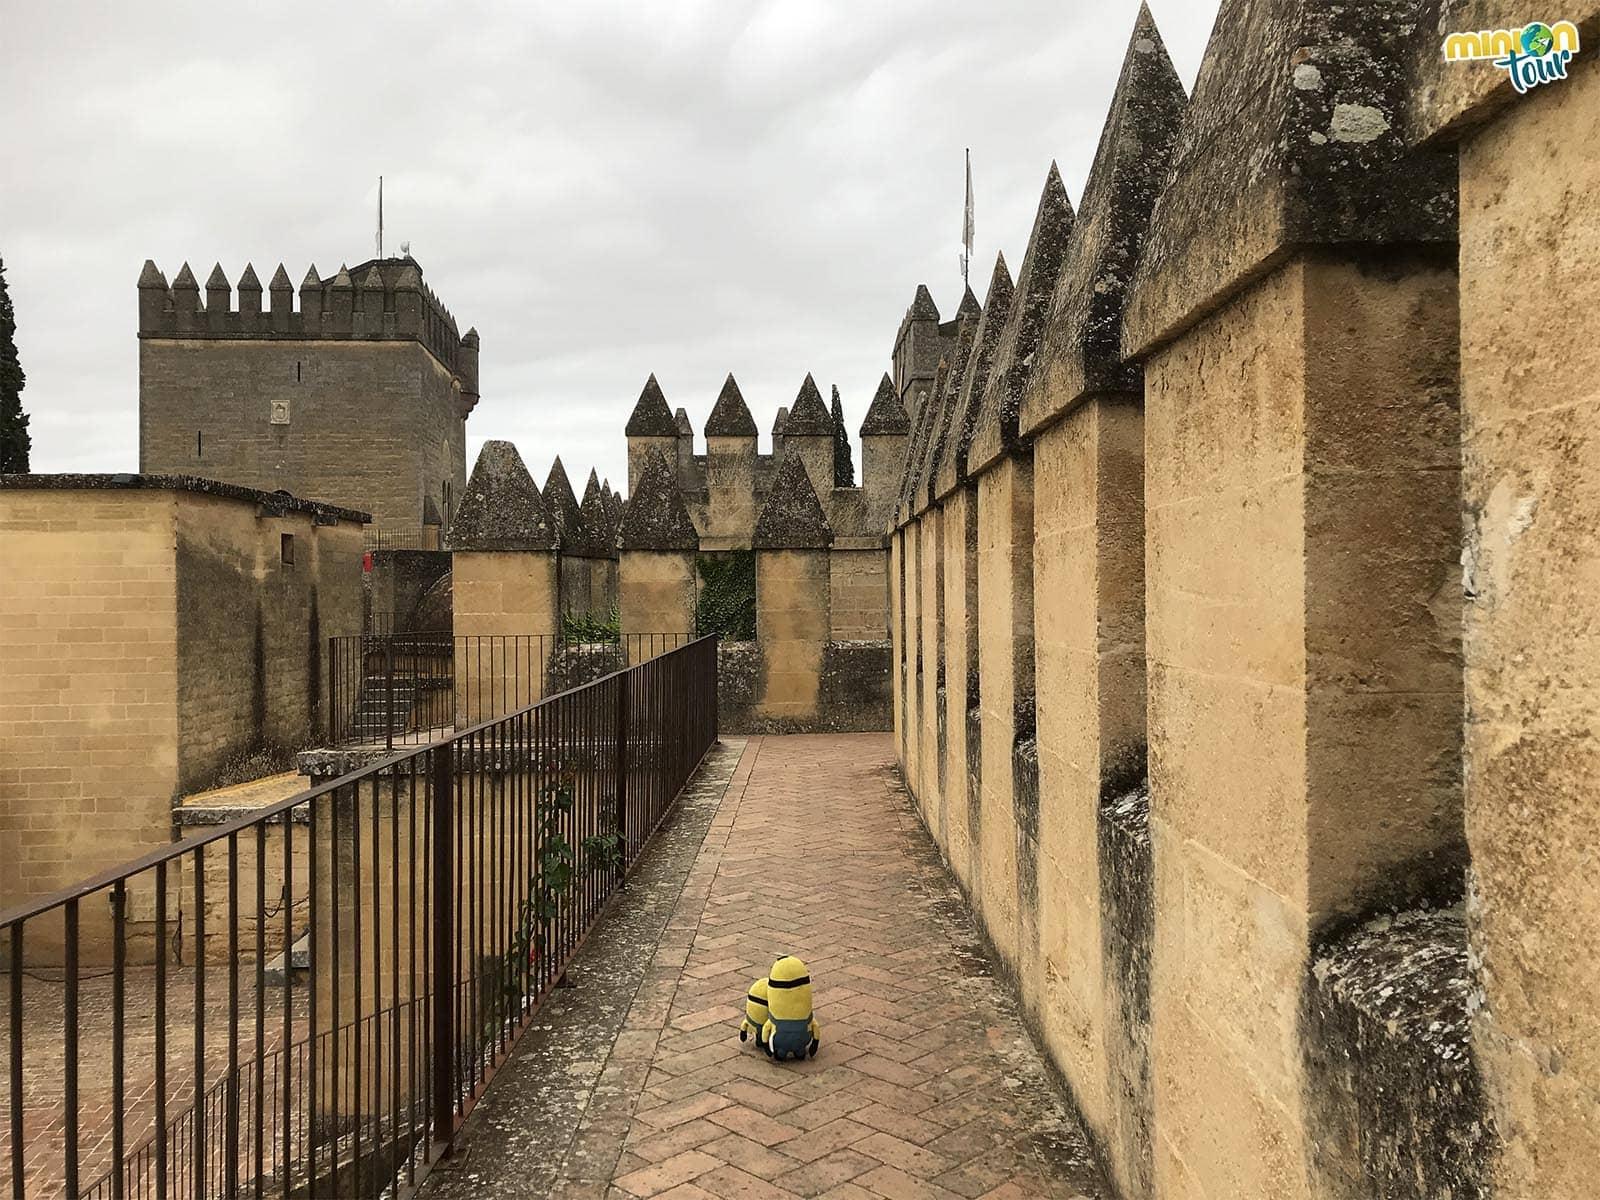 Las almenas, otra parada en nuestra ruta por los escenarios de Juego de Tronos en el Castillo de Almodóvar